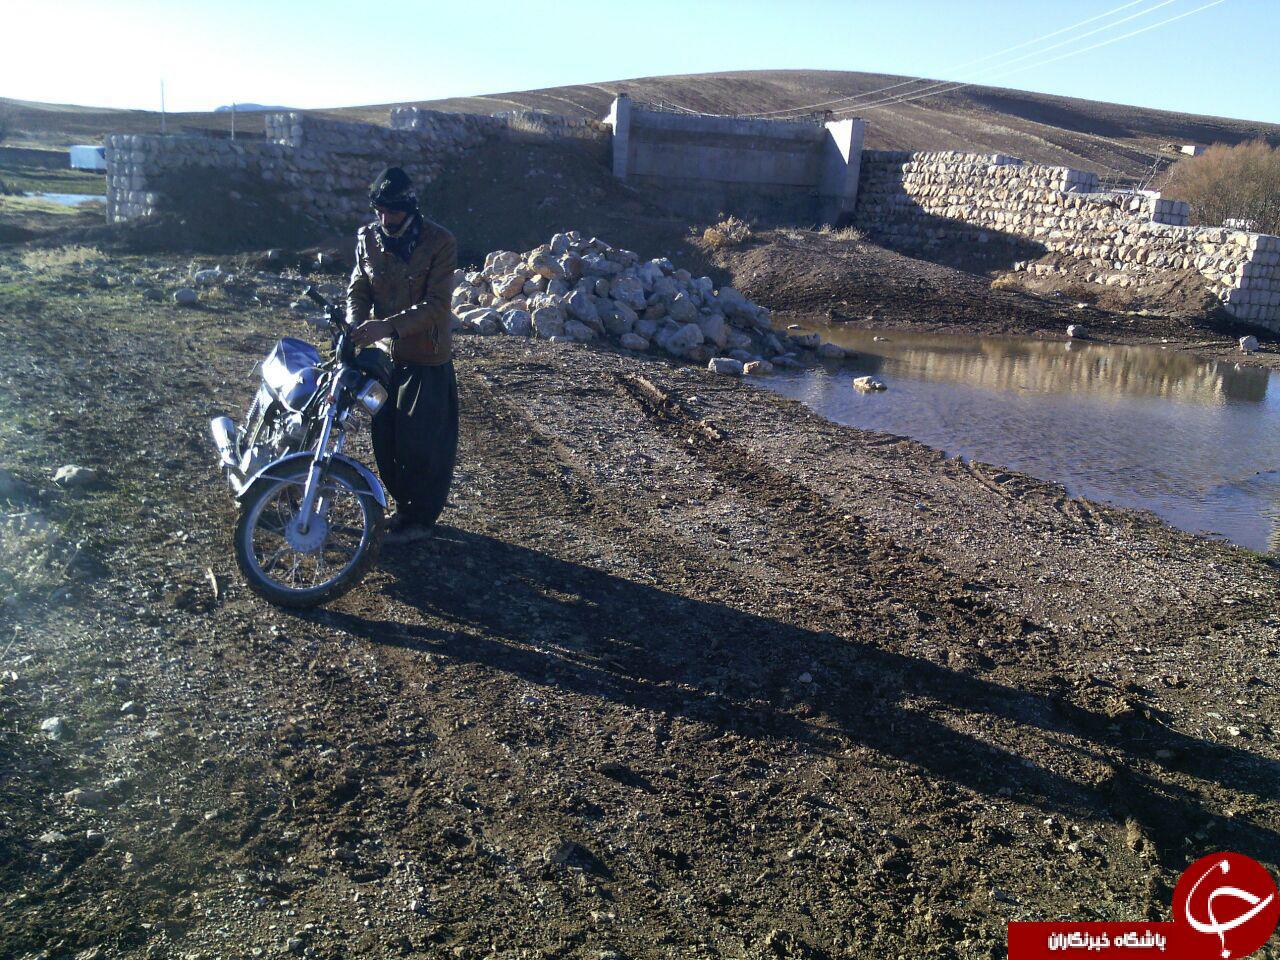 روستایی که 11 سال آرزوی داشتن پل را دارند + تصاویر